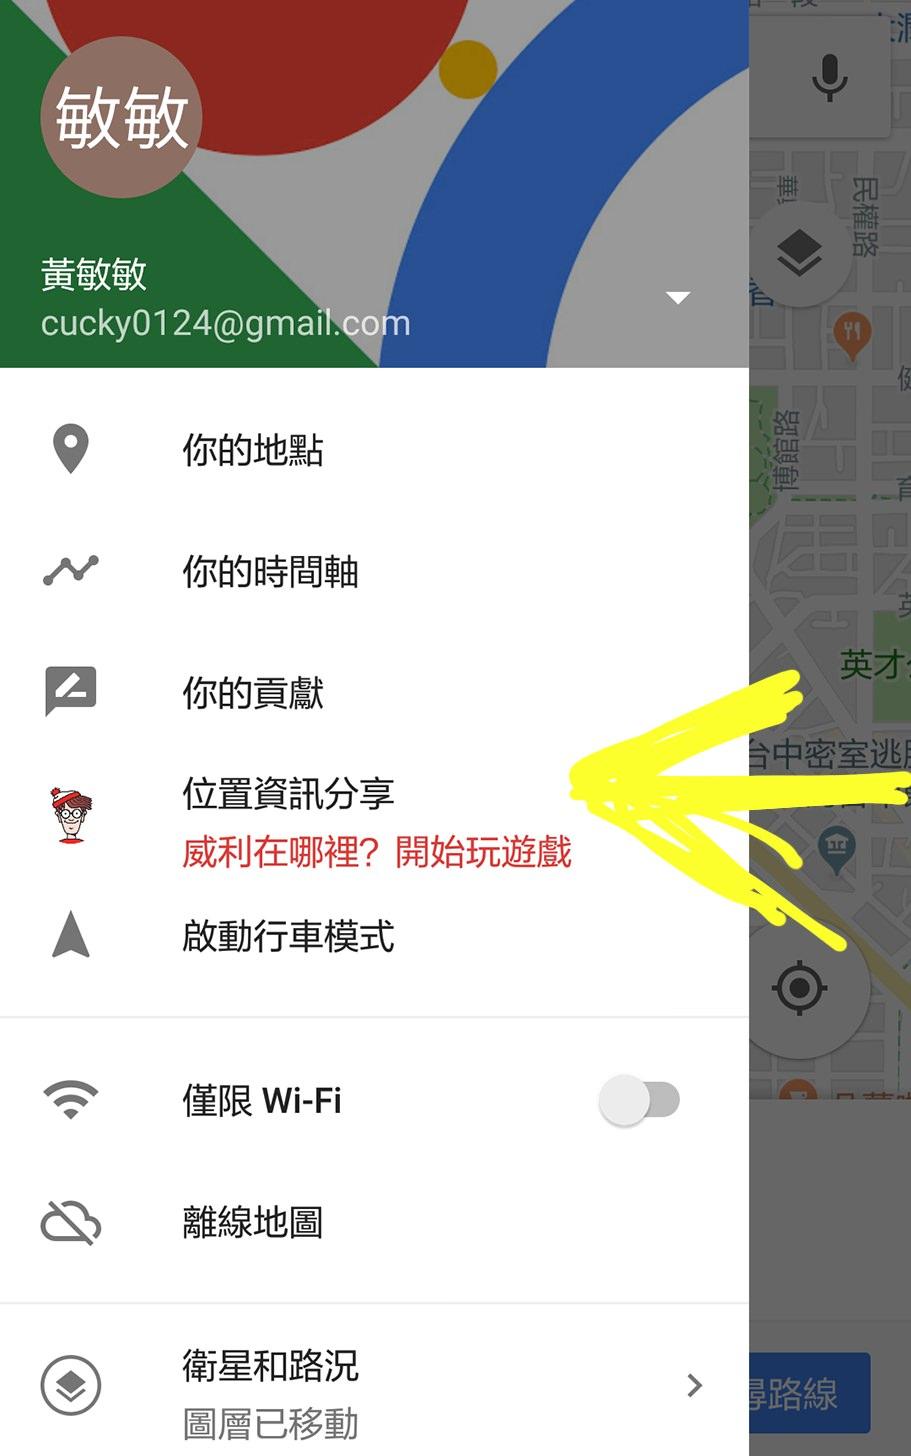 20180401082602 82 - 谷哥地圖陪你過愚人節!快點google map尋找威利!